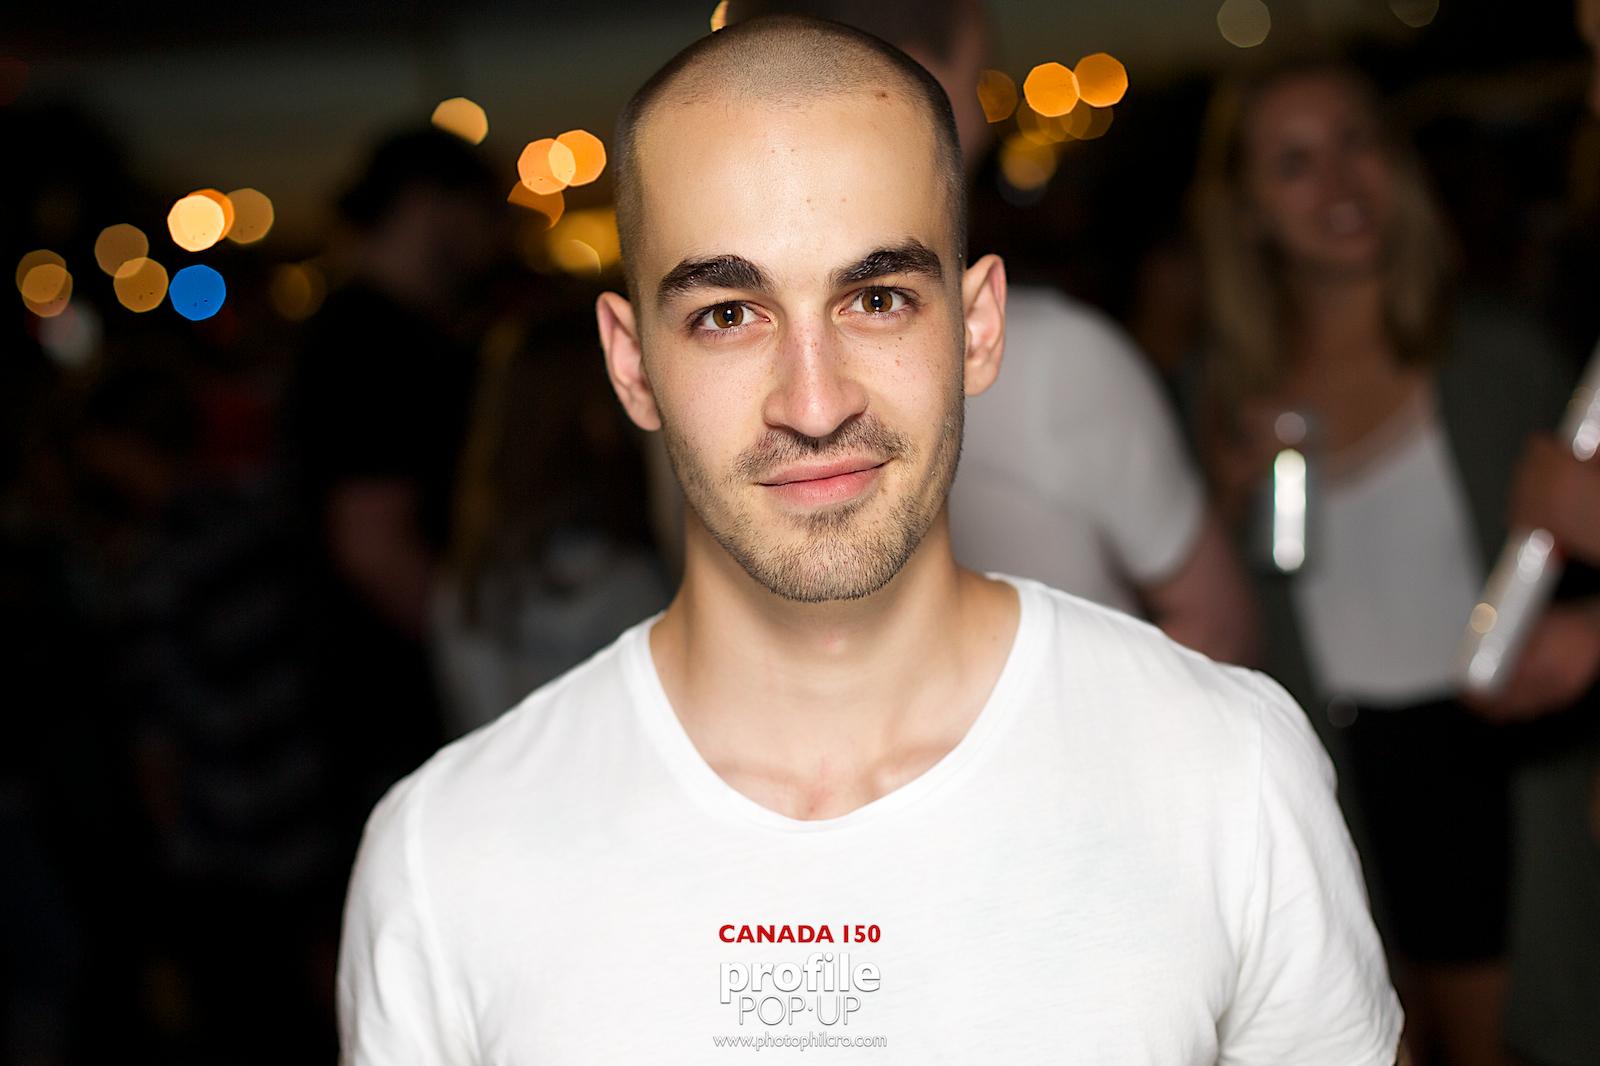 ProfilePopup_Canada150_Facebook 226.jpg